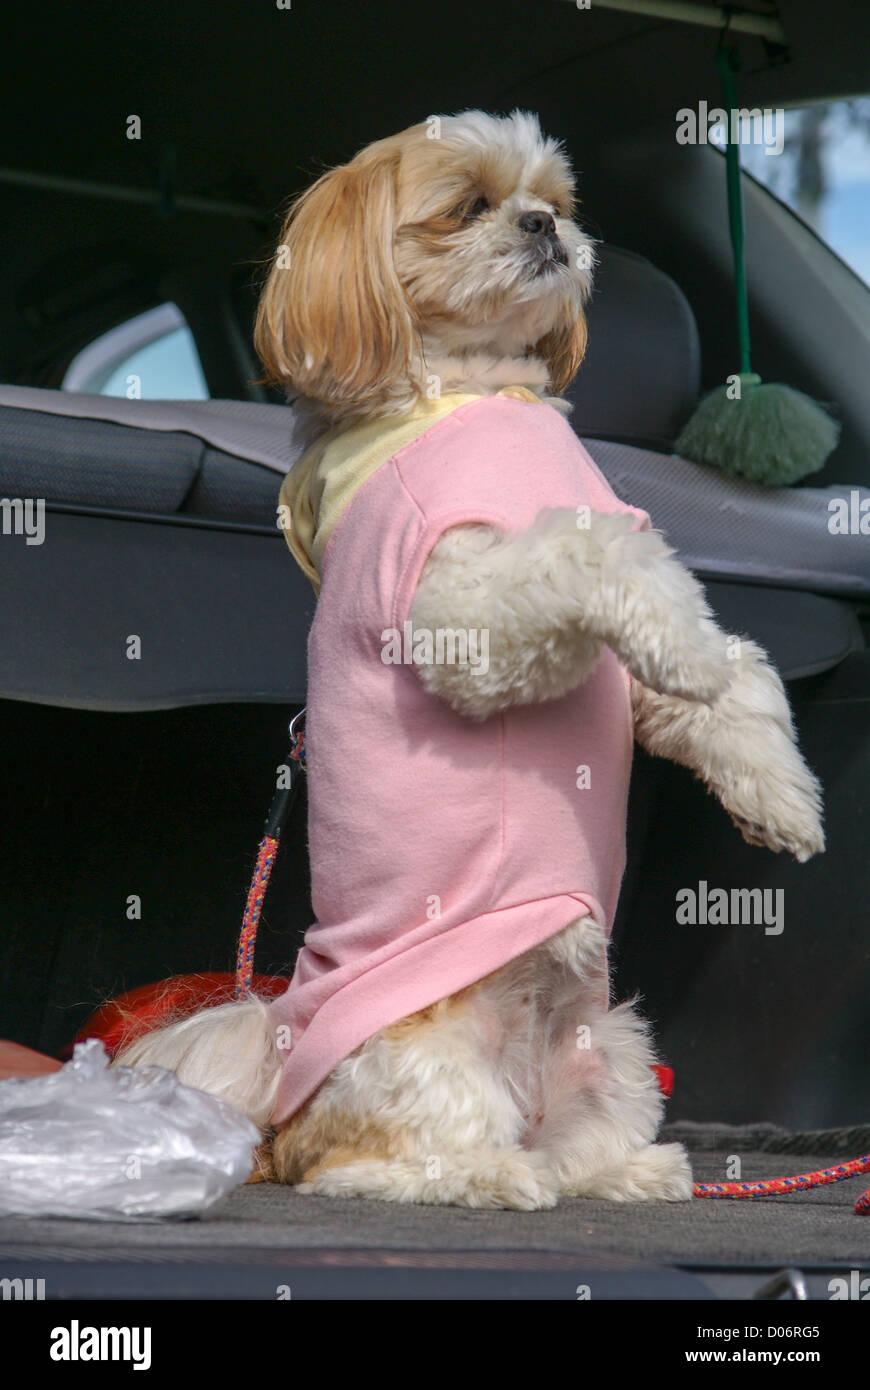 Japan, Dressed up lap dog - Stock Image